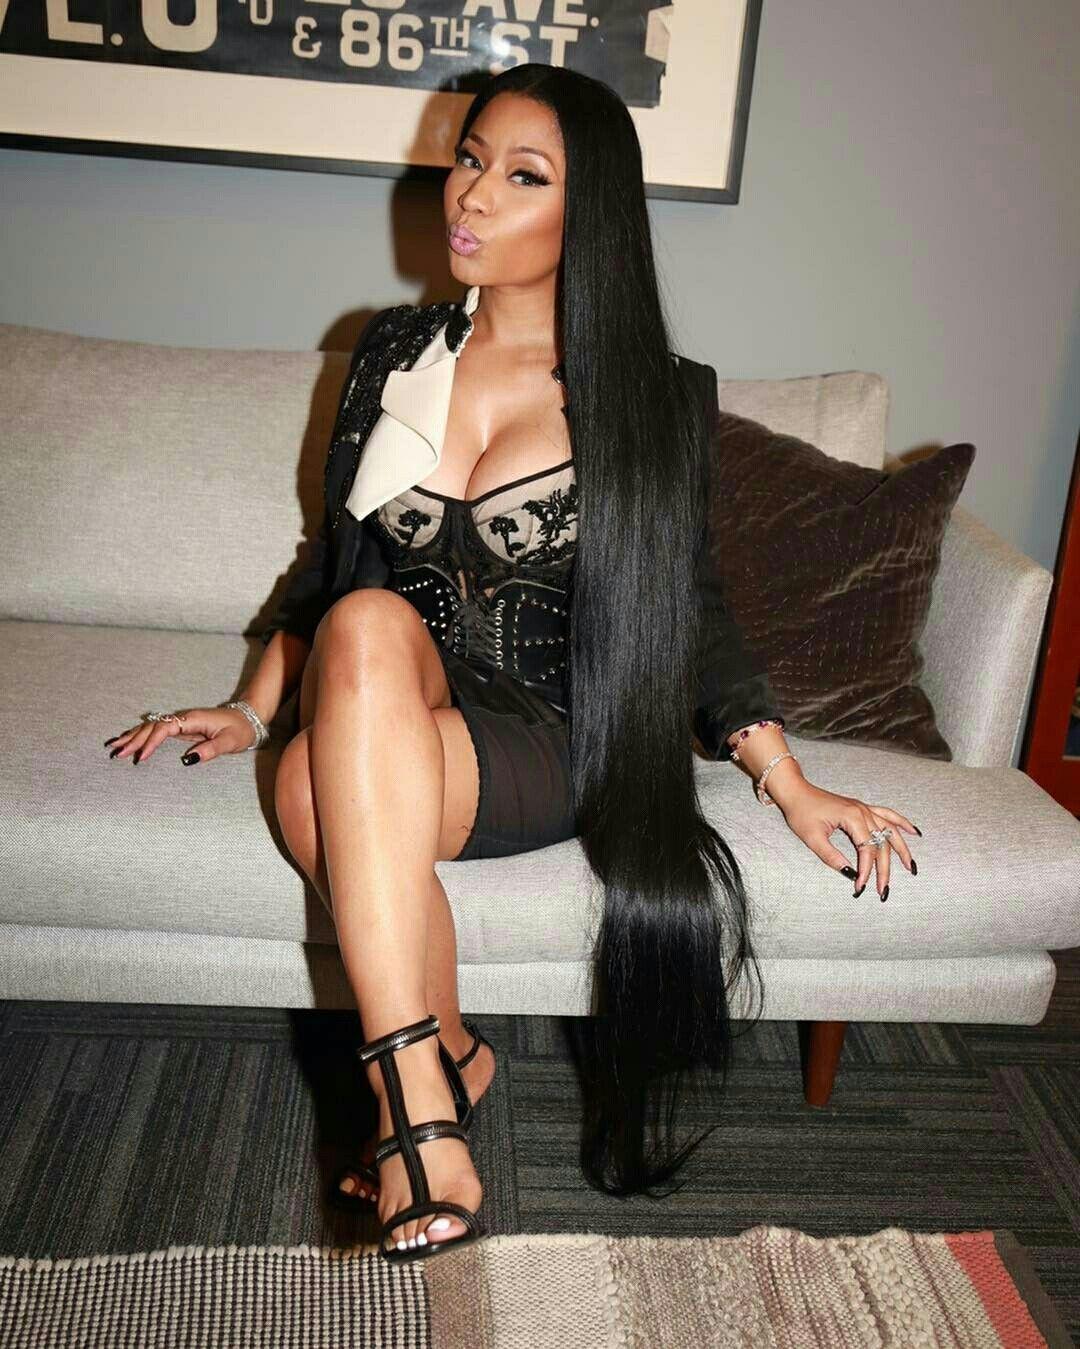 Feet nicki minaj Nicki Minaj's